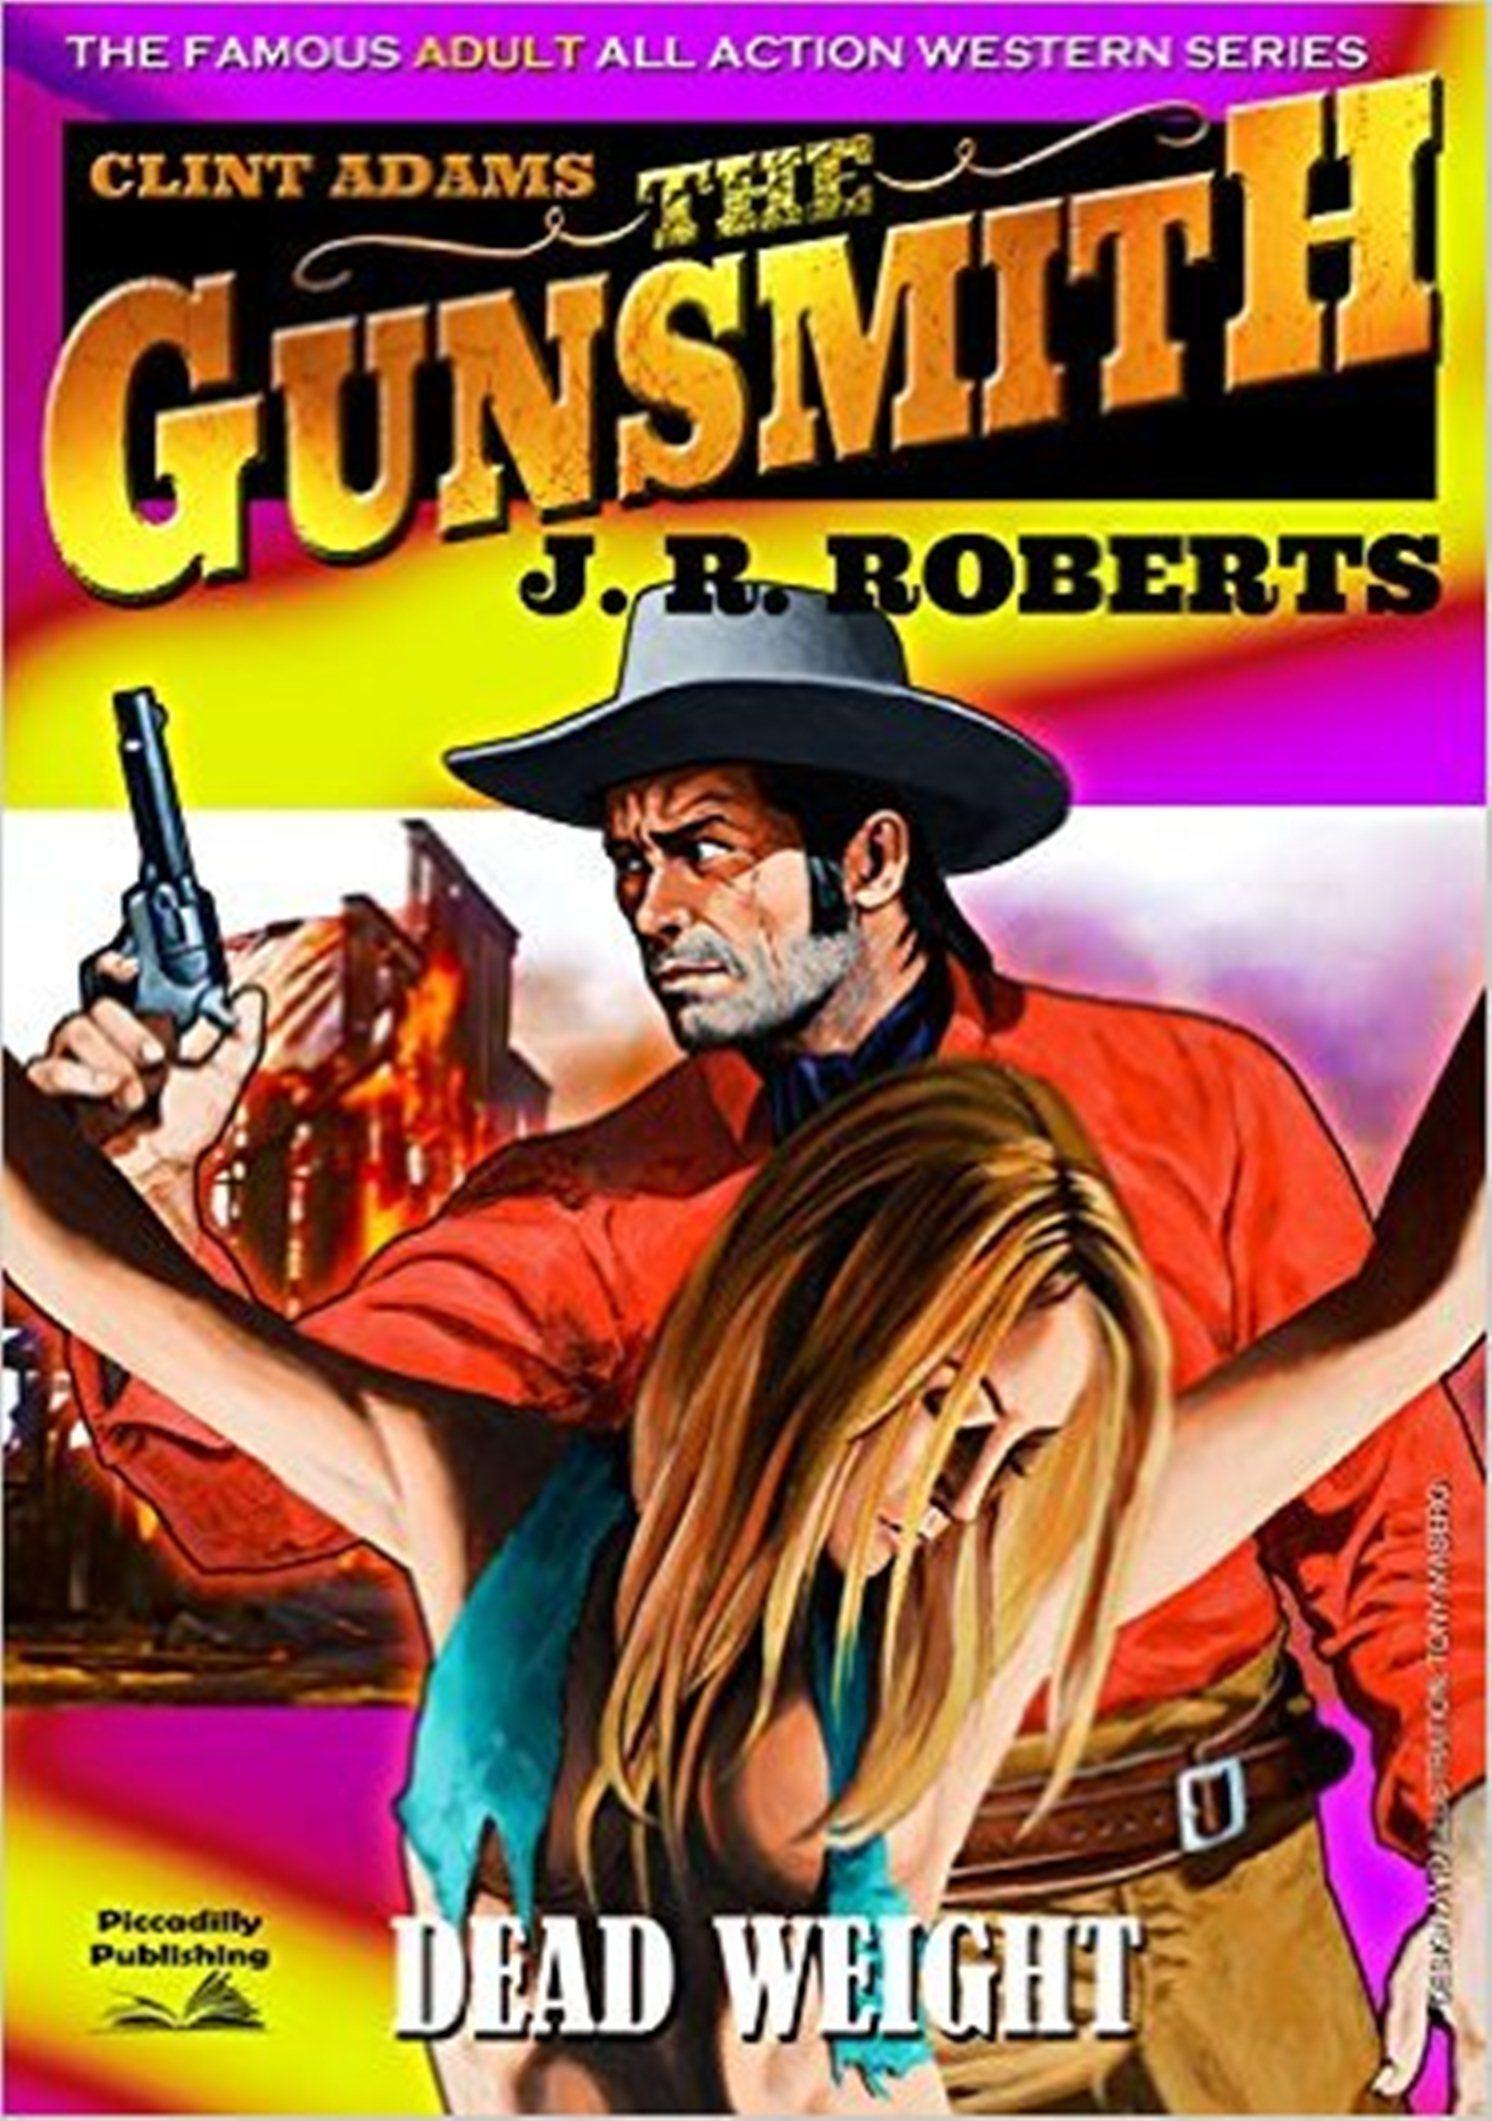 Dead Weight (A Clint Adams, The Gunsmith Giant Western Book 10) J.R. Roberts